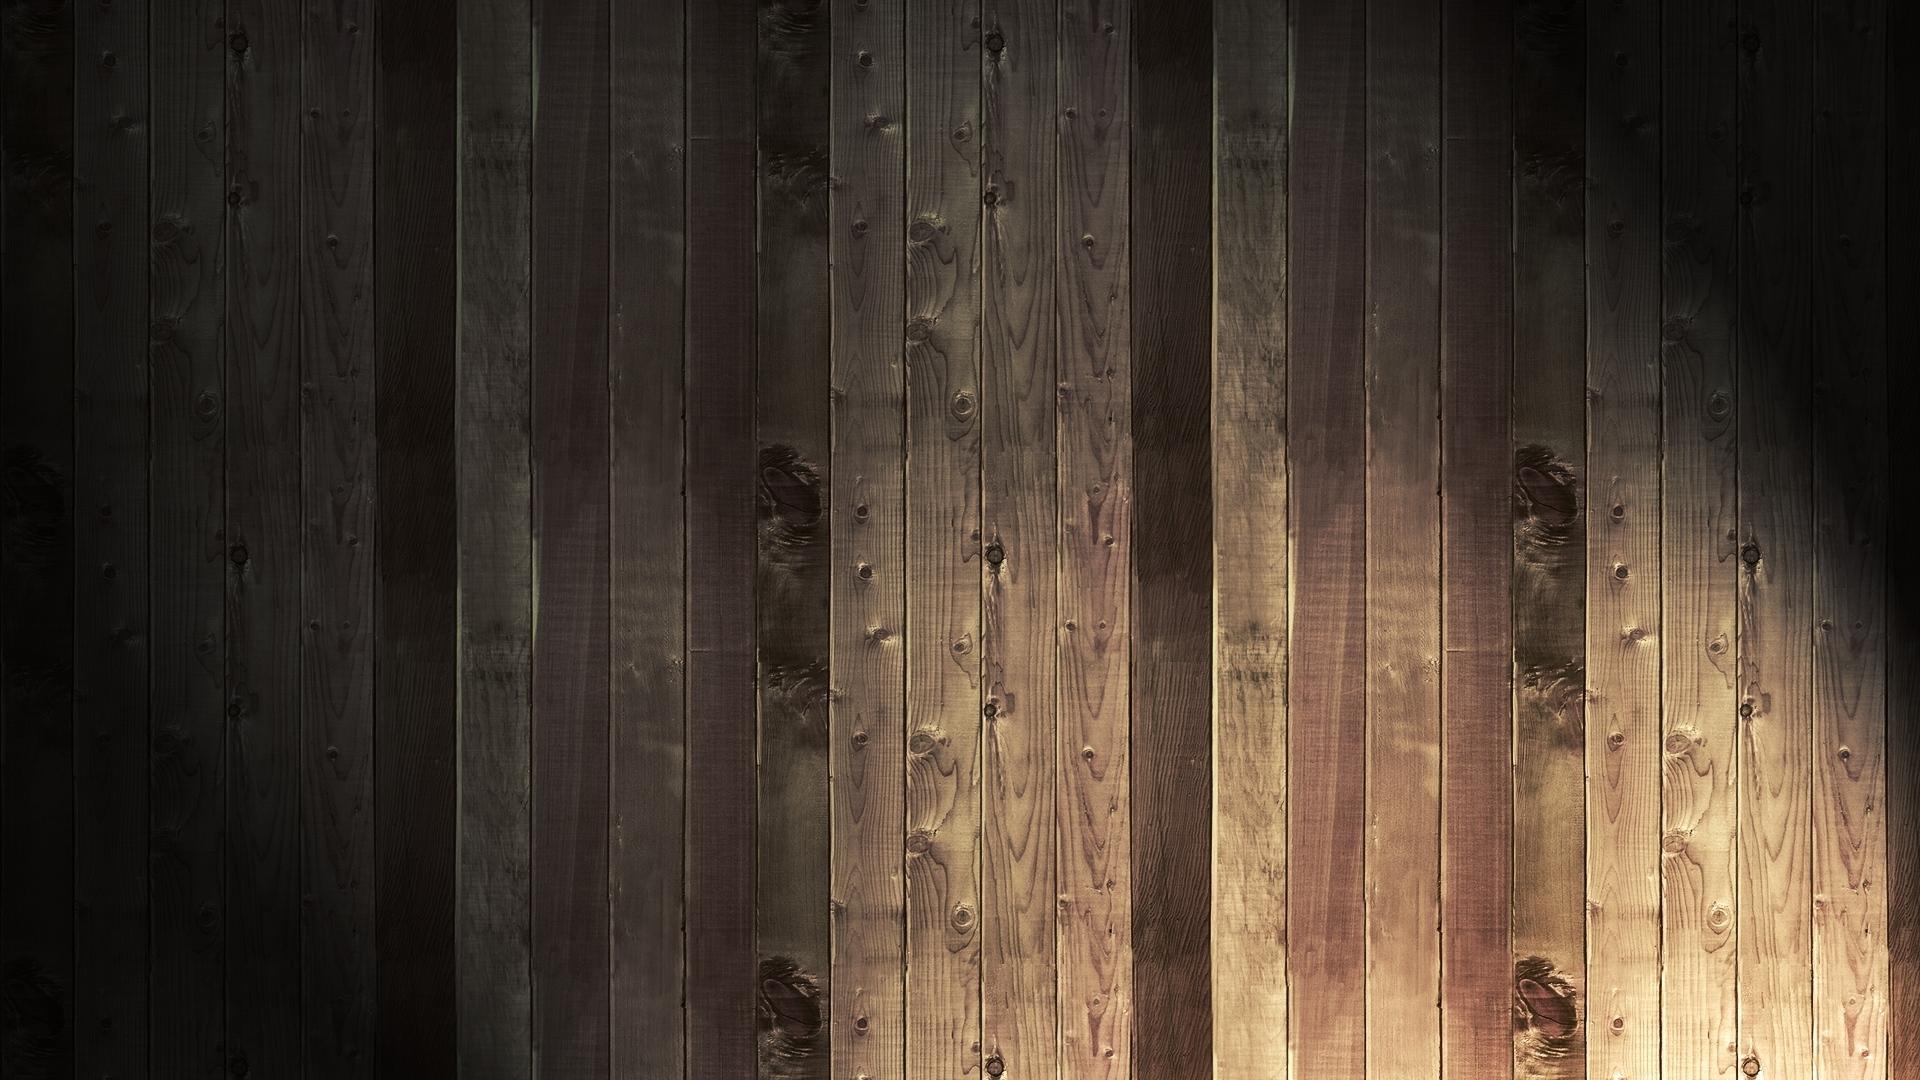 بالصور خلفيات خشب , اجمل الصور والخلفيات الخشبية 6120 11